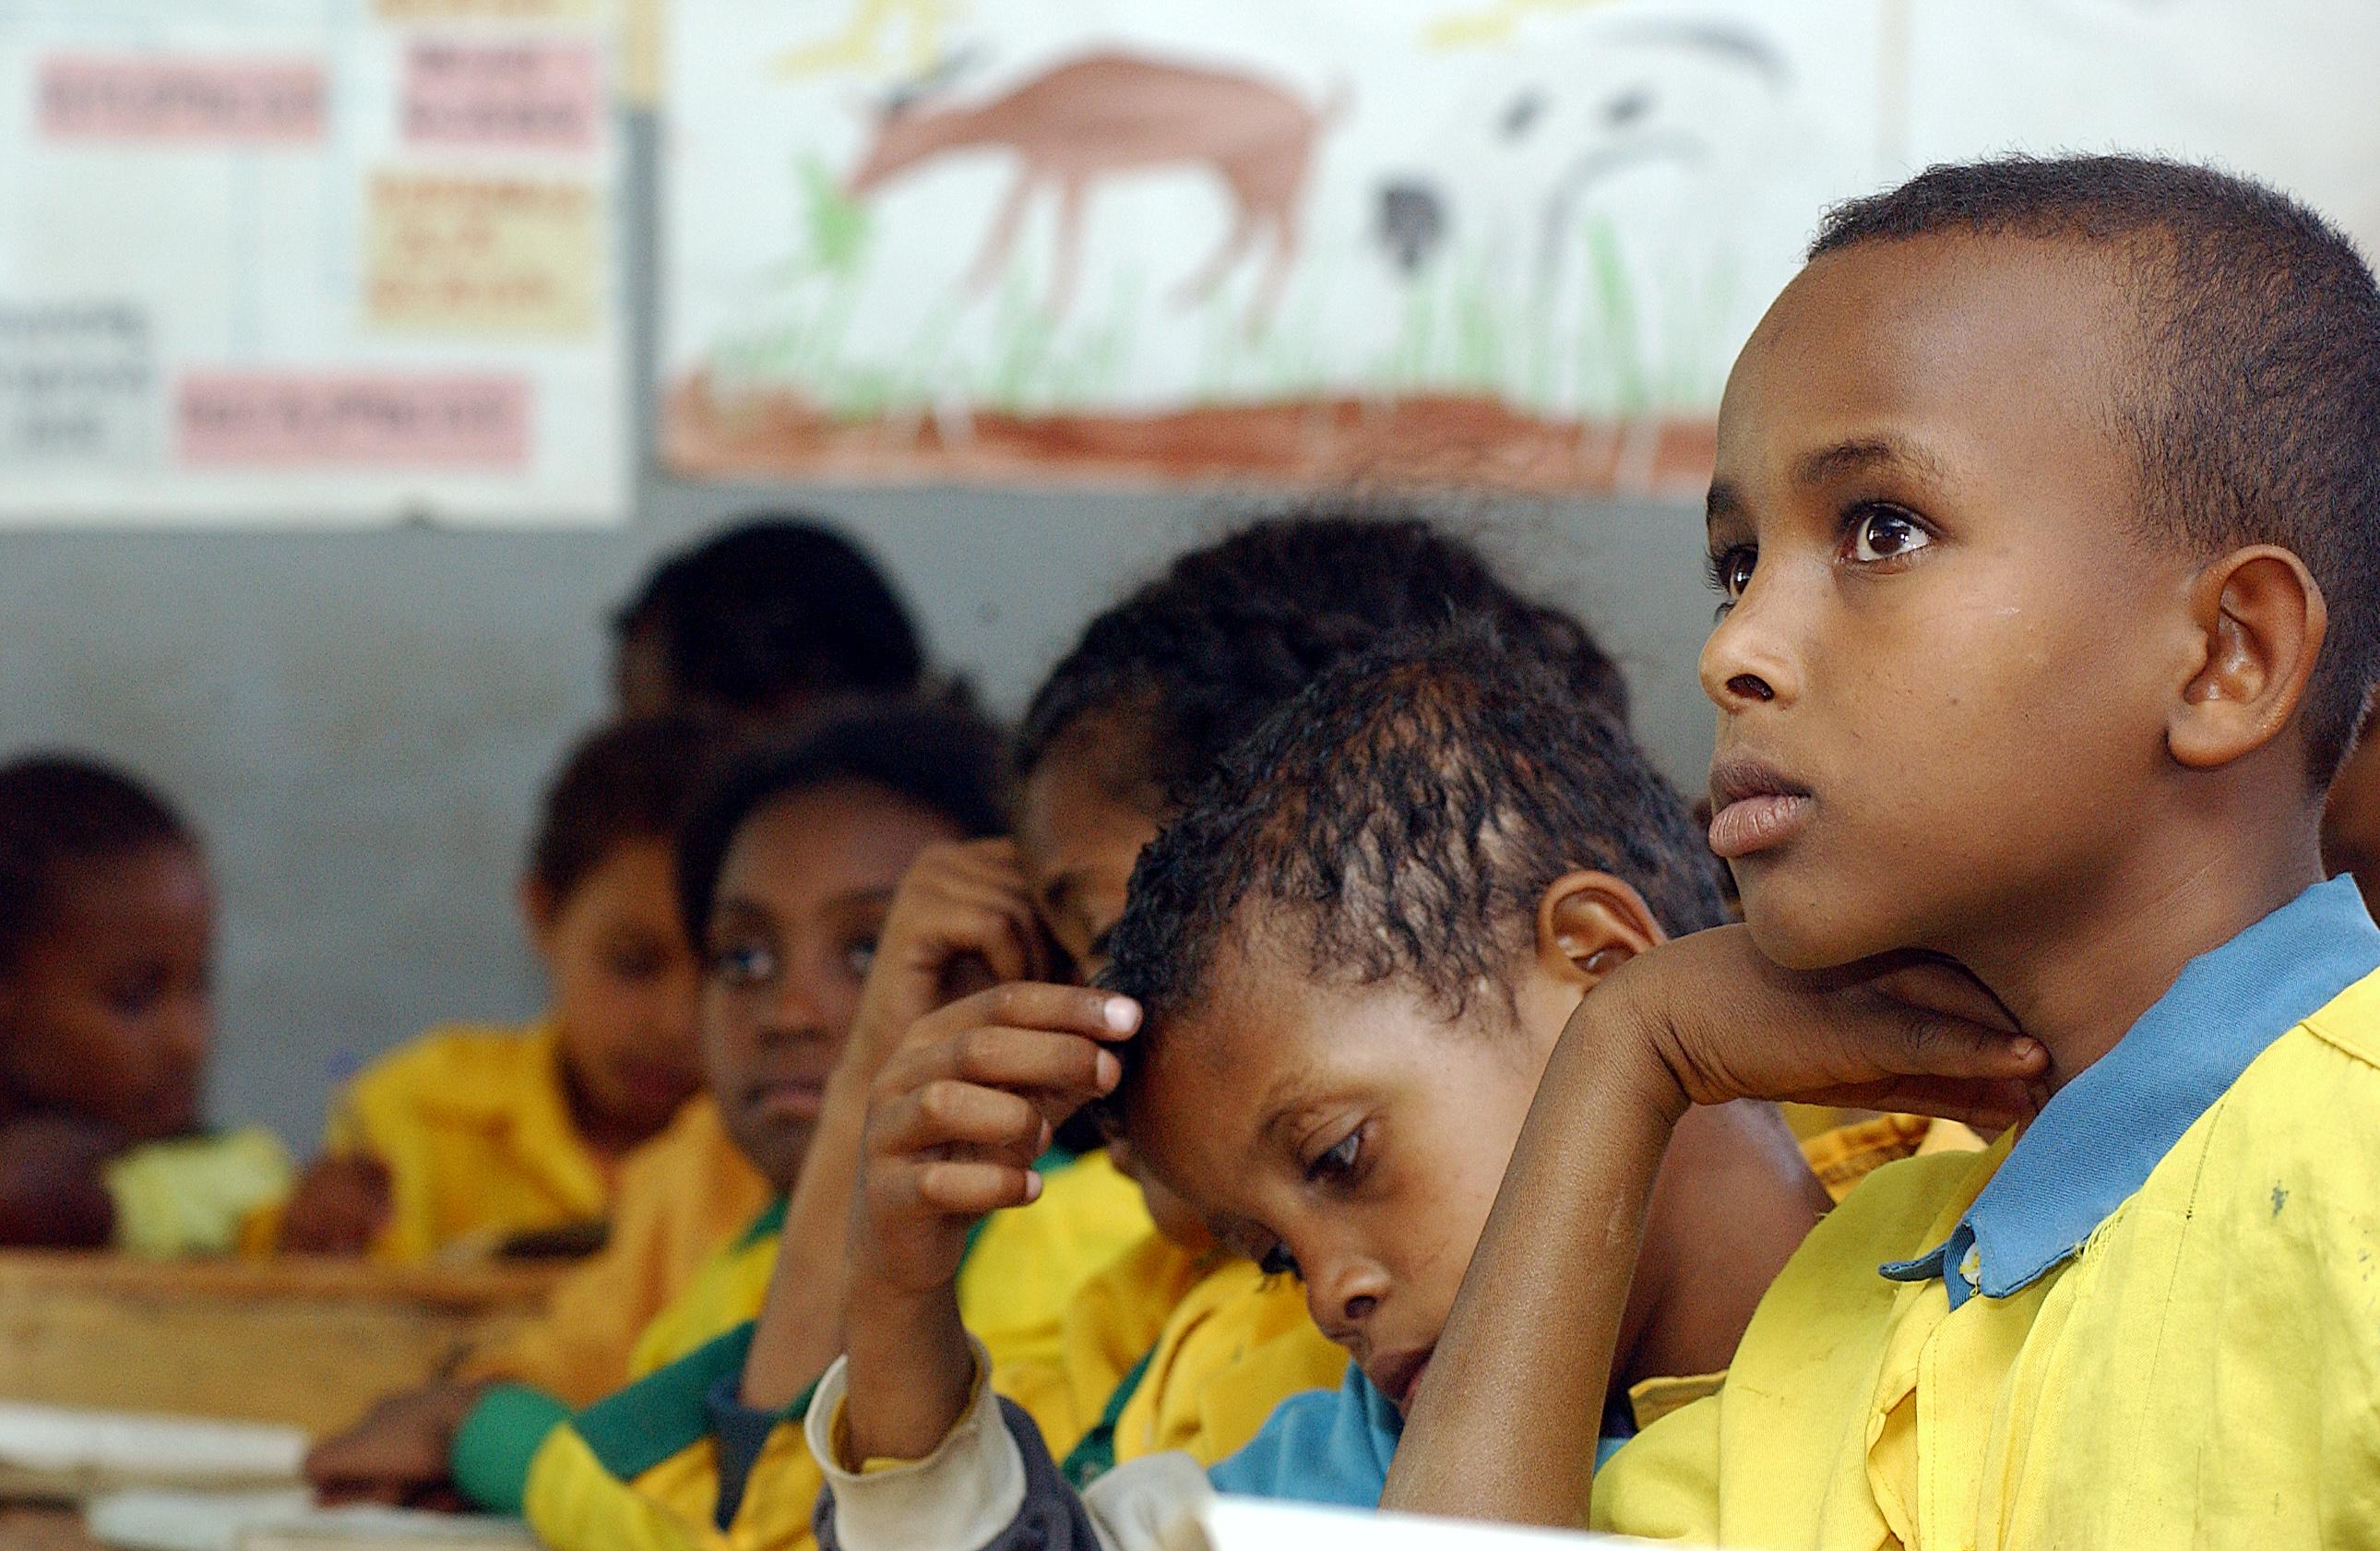 Skolebarn i klasserom